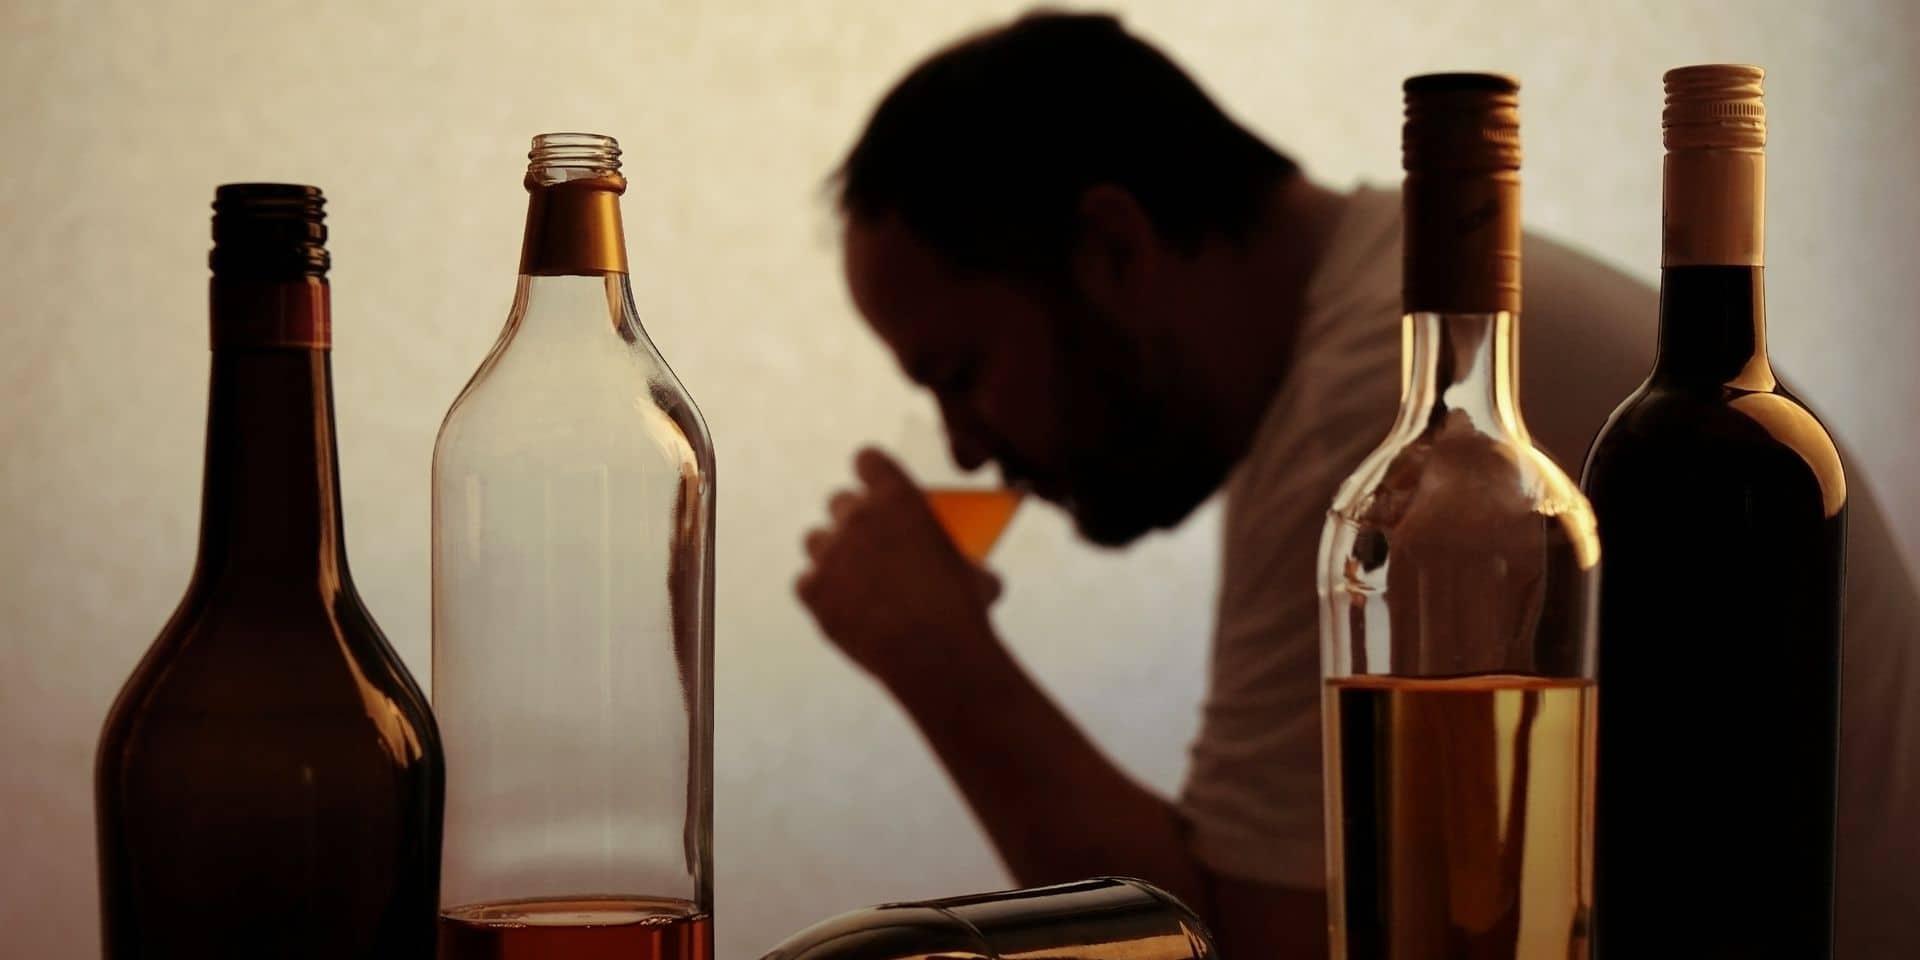 """Jean-Claude devenu accro à l'alcool à 23 ans : """"On détruit tout autour de nous"""""""